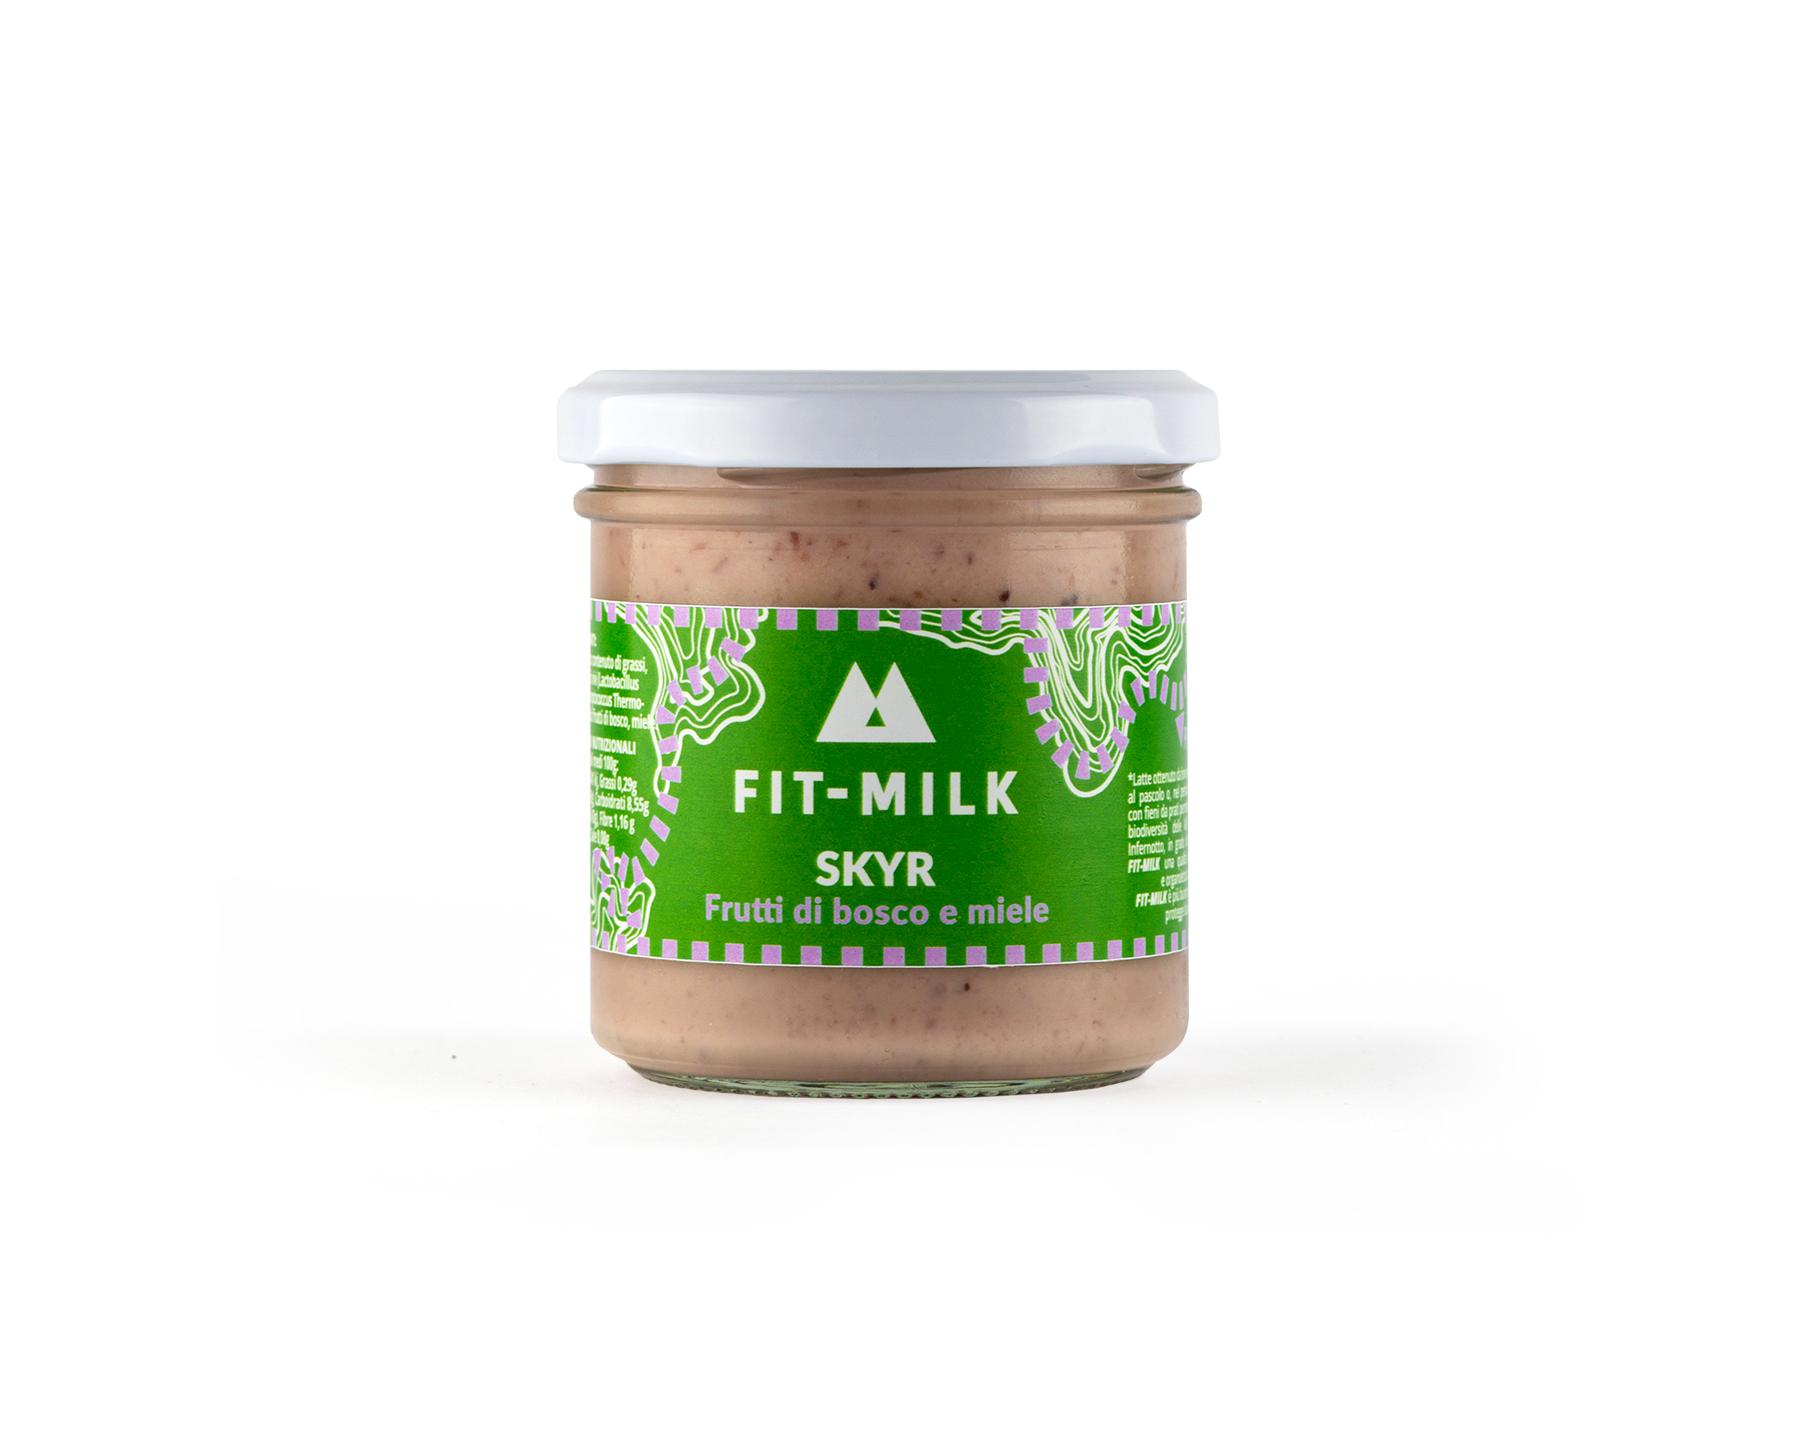 Skyr ai frutti di bosco e miele prodotto con latte da erba, latte gras